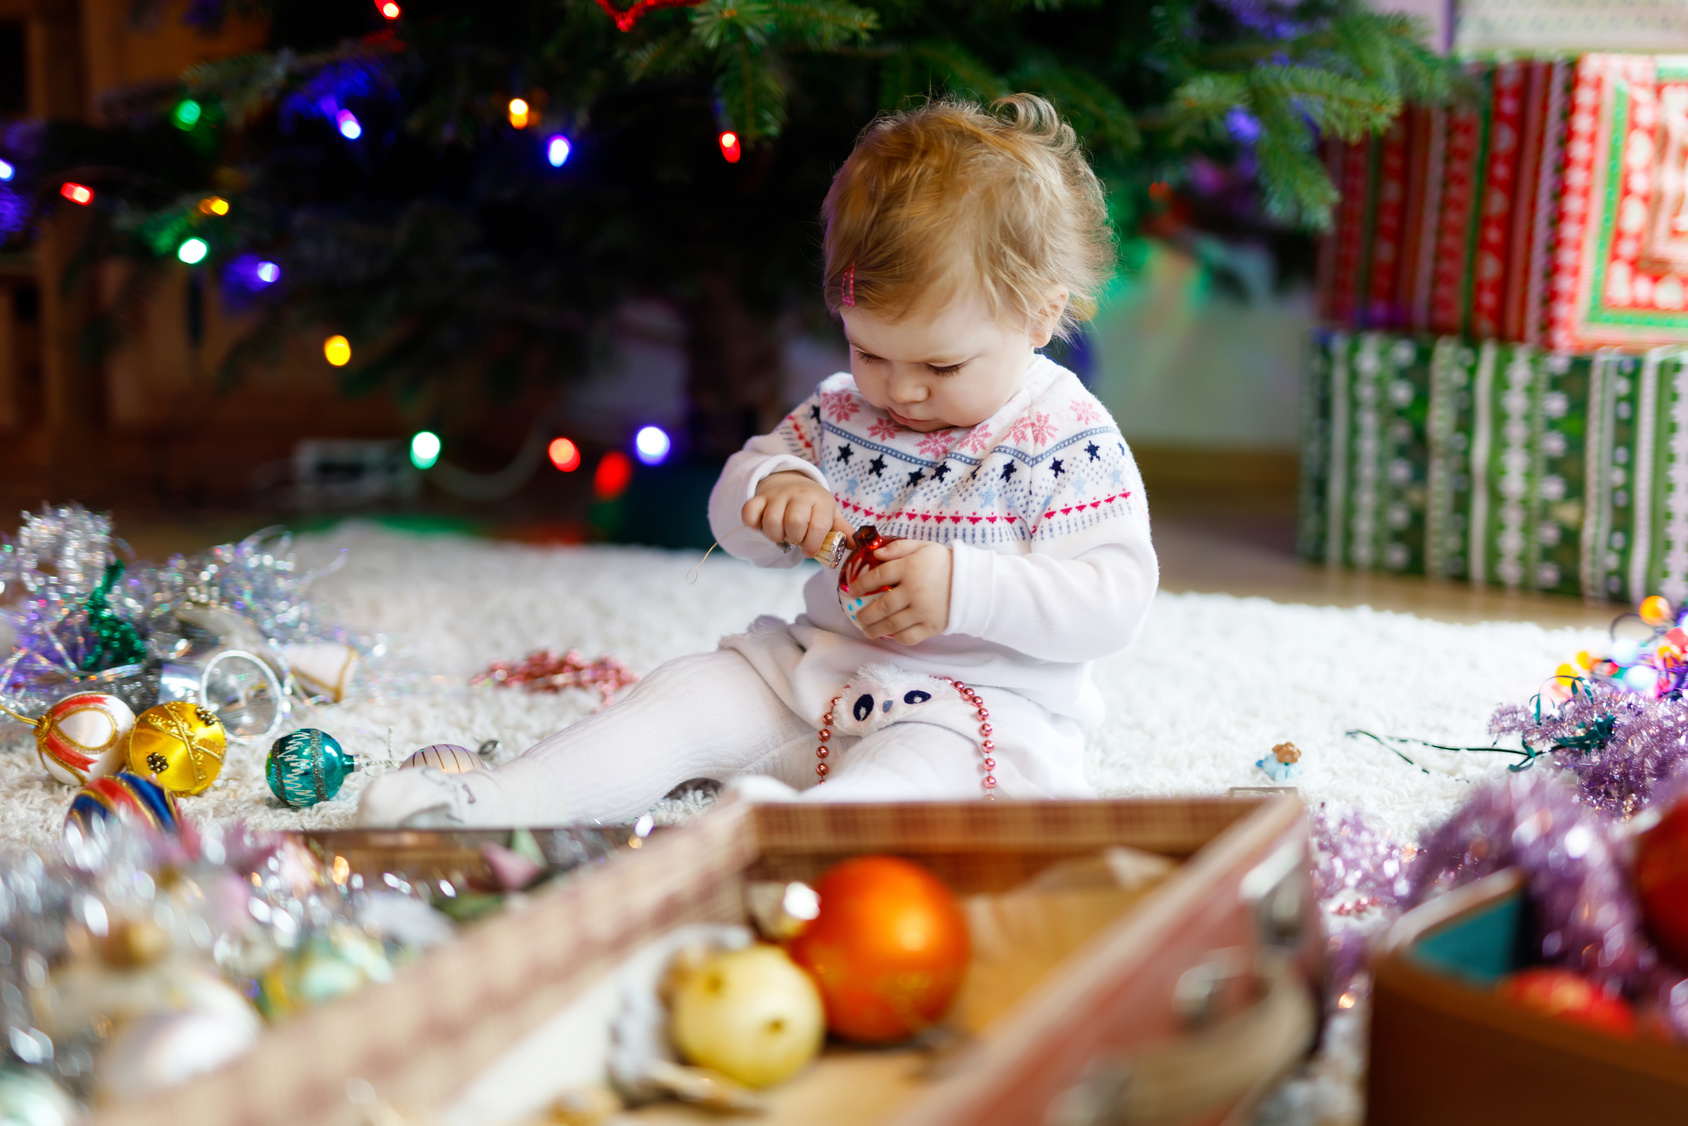 erstes weihnachten mit baby, weihnachten mit kleinkind, tipps, stress vermeiden feiertage